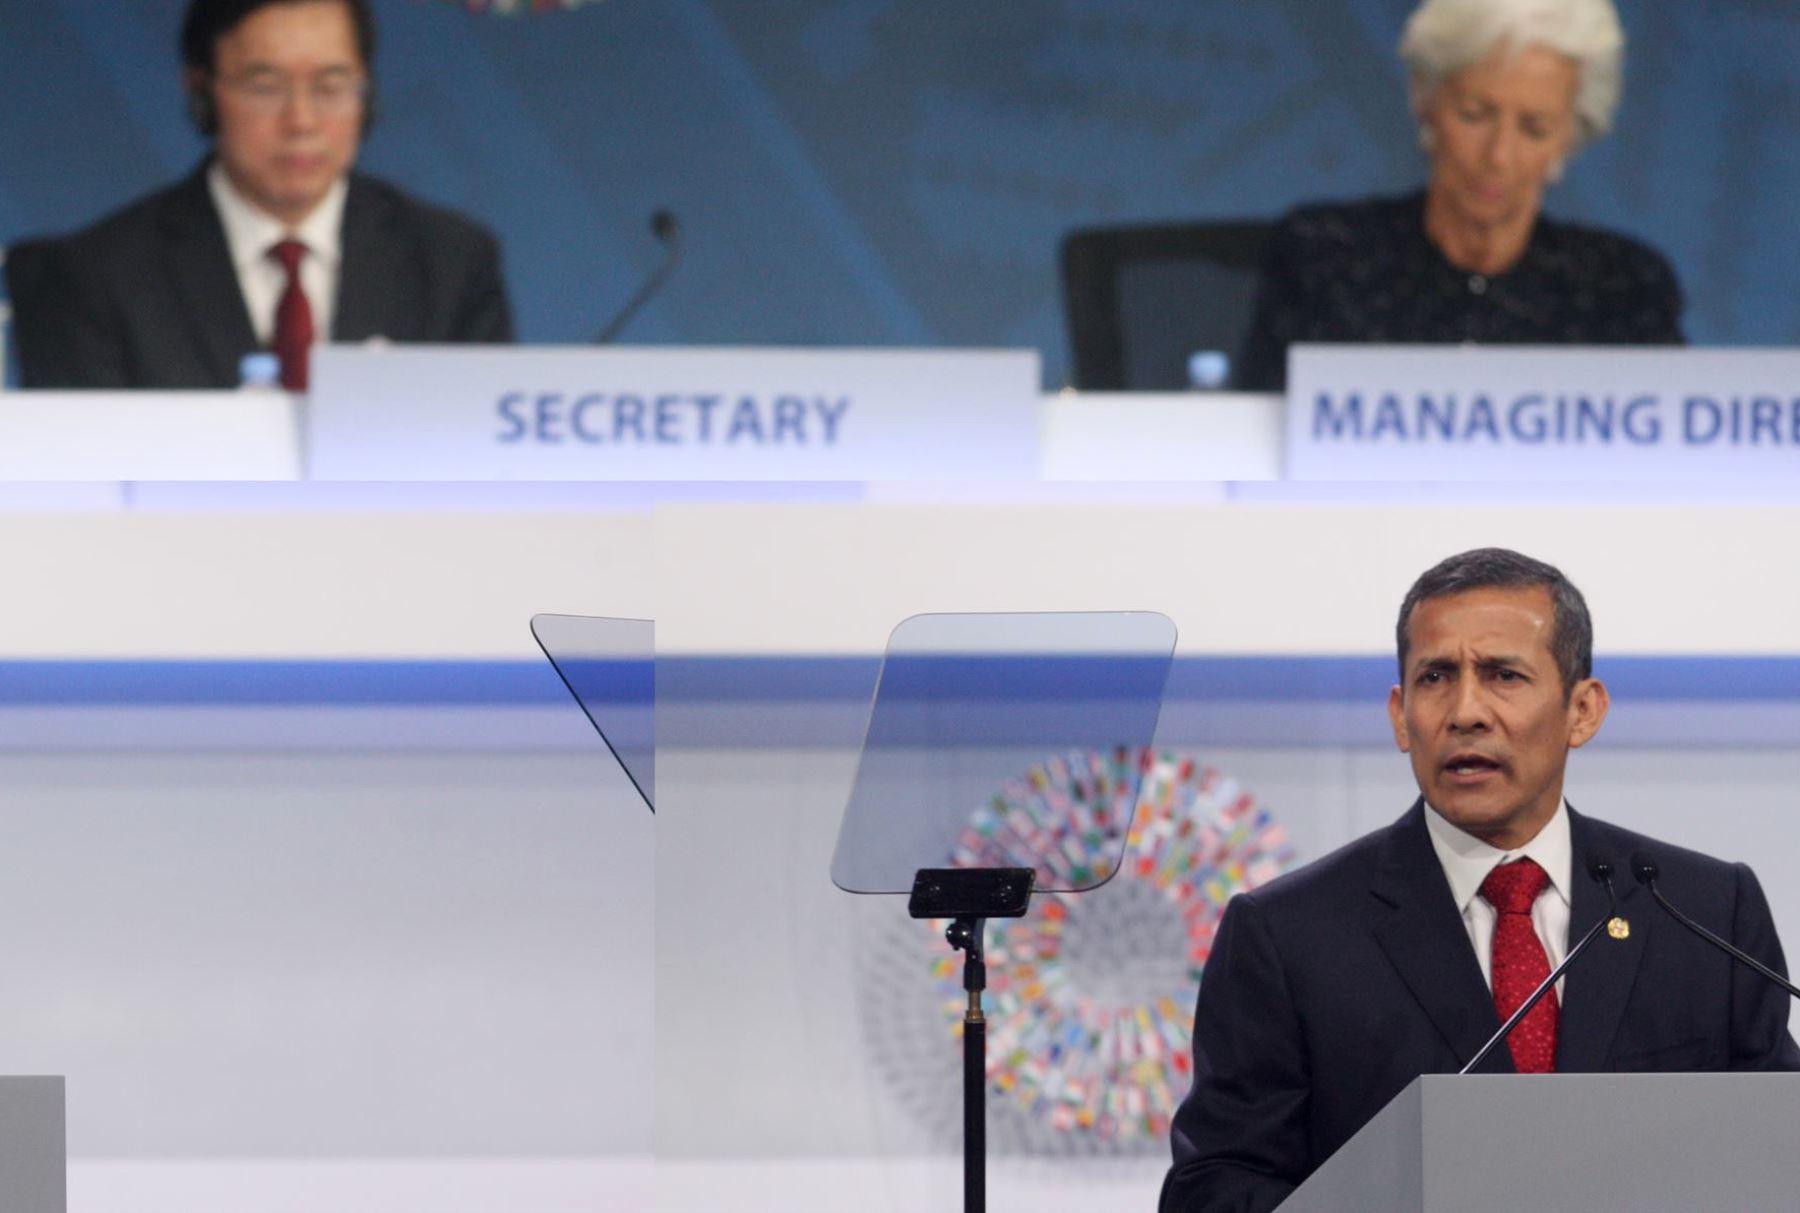 LIMA, PERÚ - OCTUBRE 09. El Presidente Ollanta Humala inauguró la sesión plenaria de las Reuniones Anuales.Foto: ANDINA/Juan Carlos Guzmán Negrini.